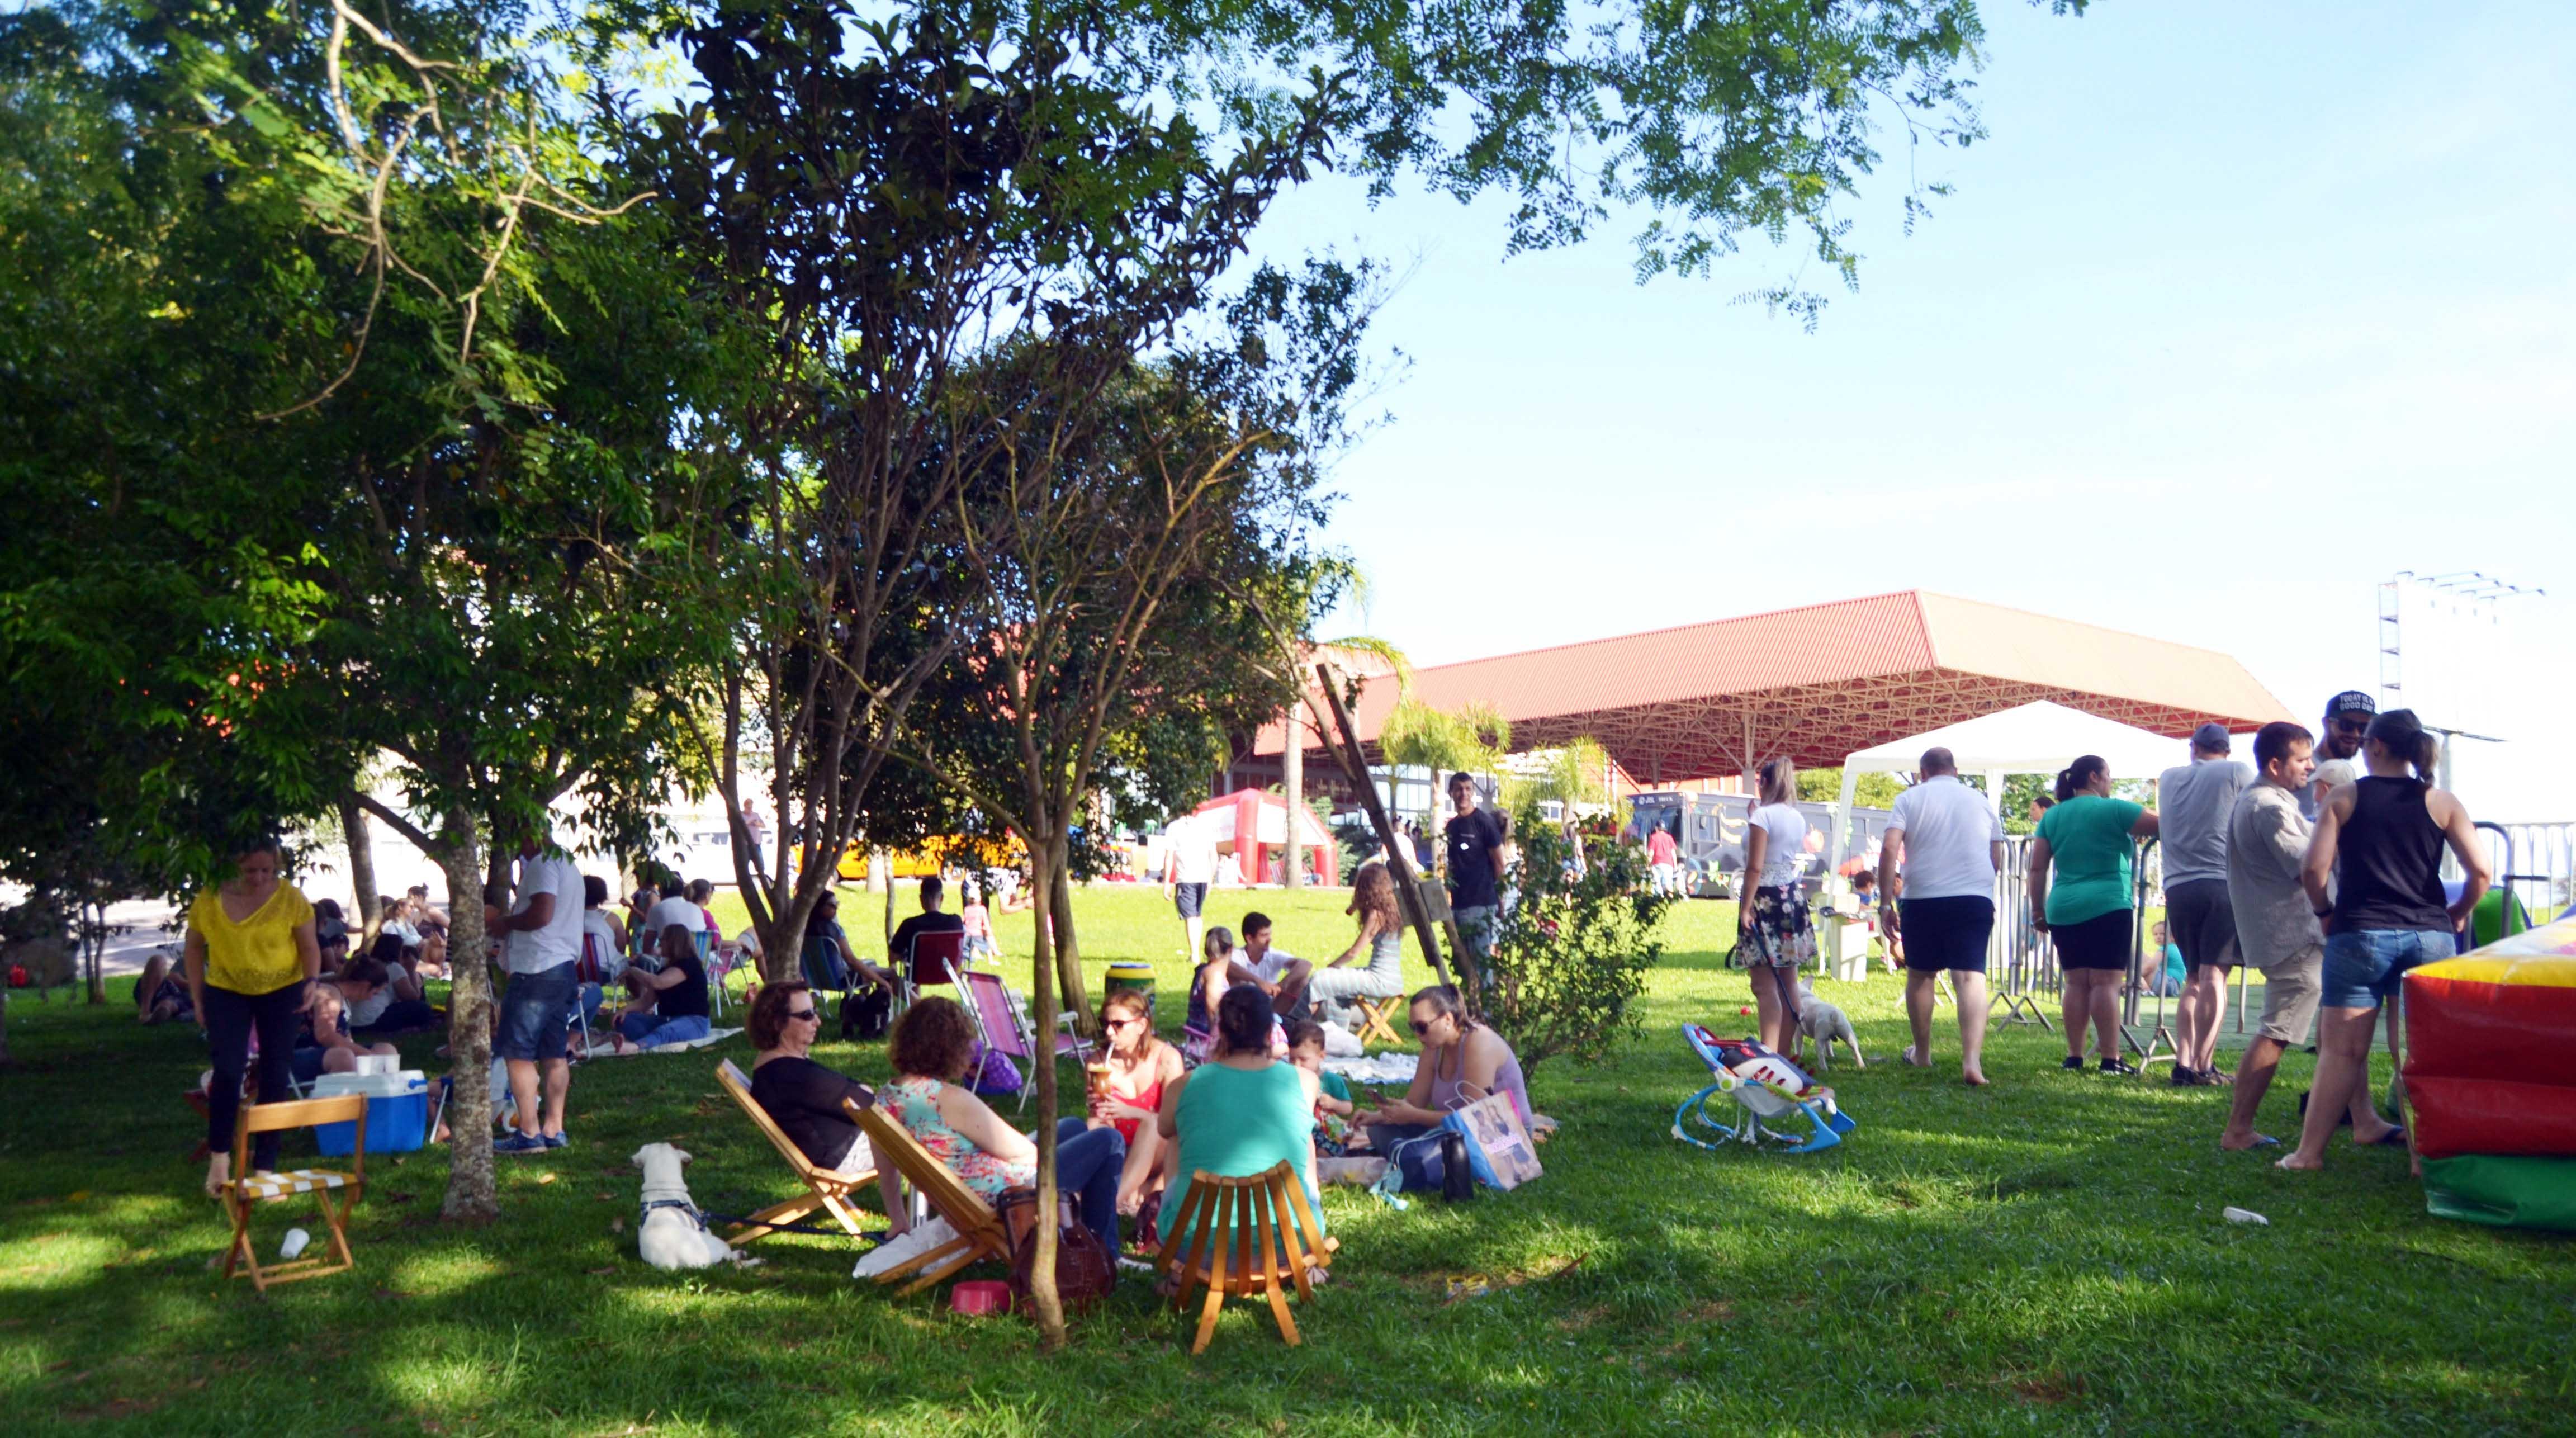 Domingo no Parque convida comunidade para dia de lazer ao ar livre